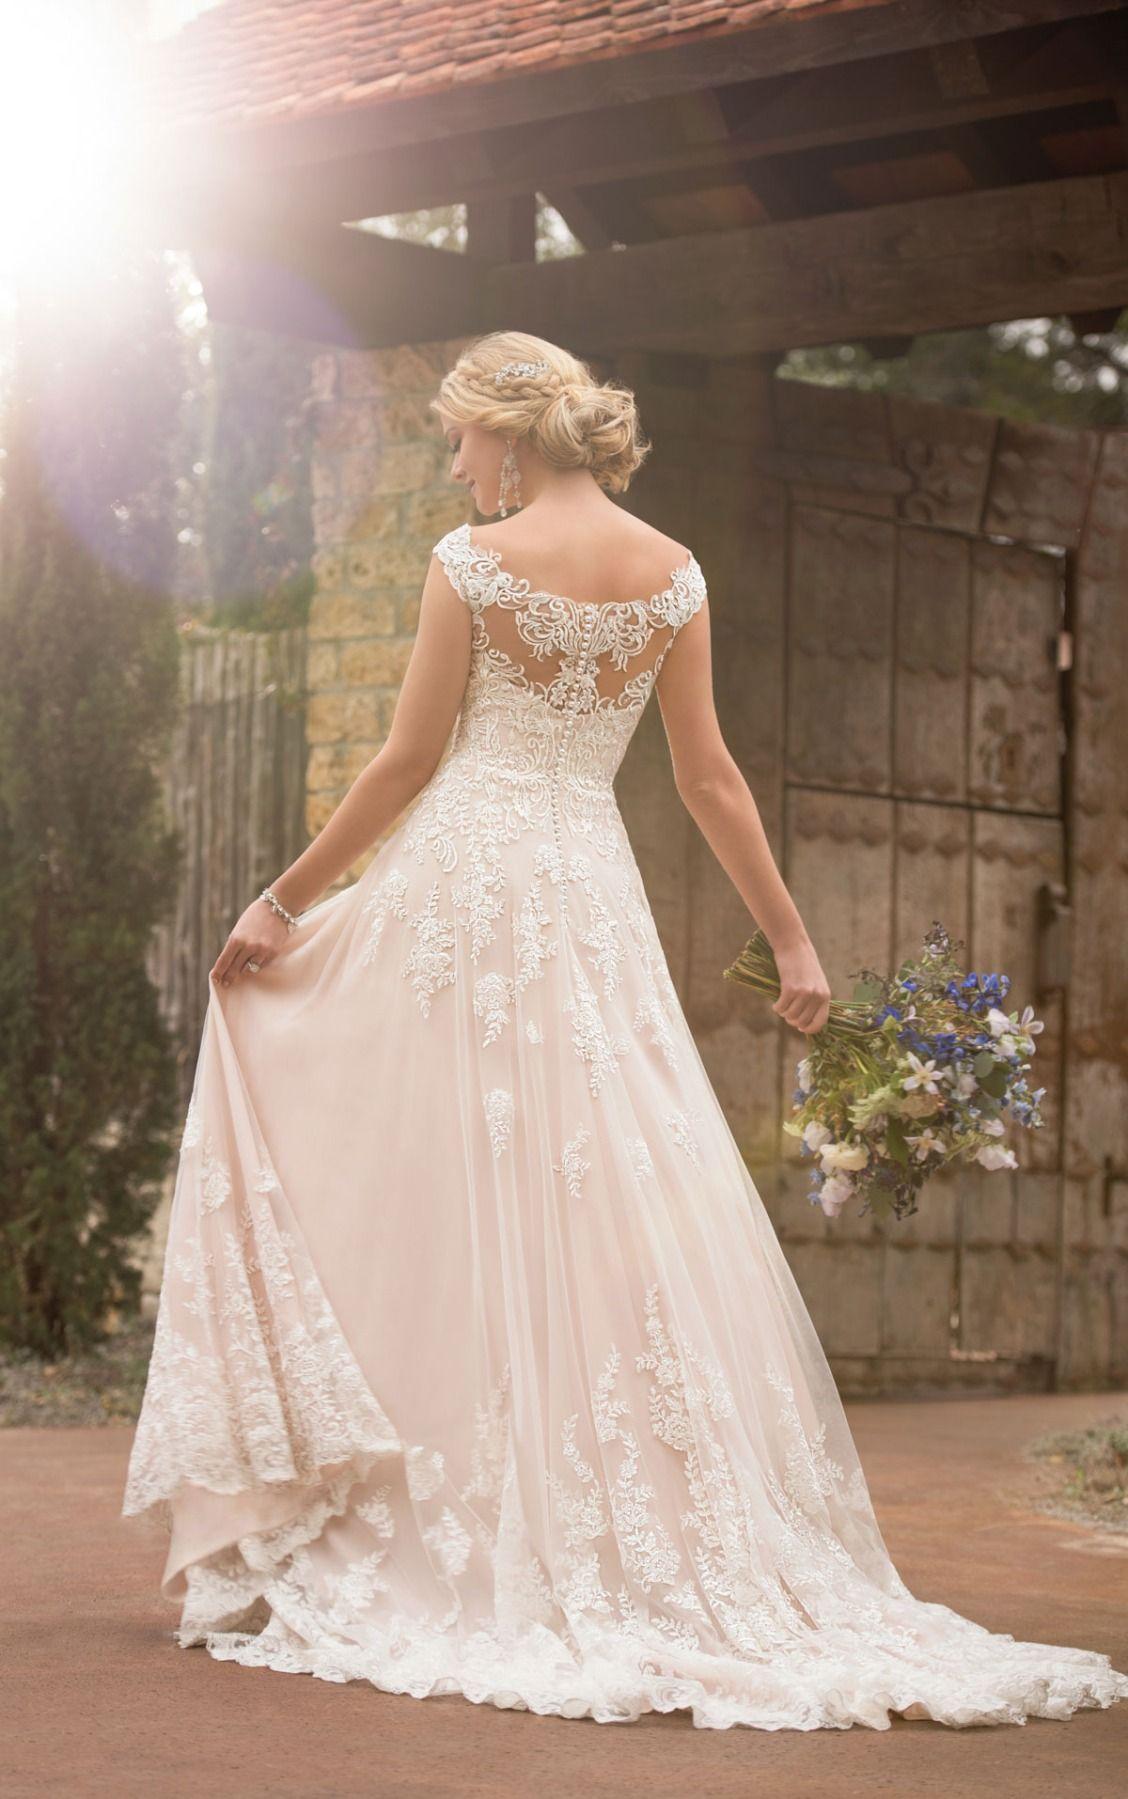 Casual hippie wedding dresses  The casual boho wedding dress is simply a dream come true Trend